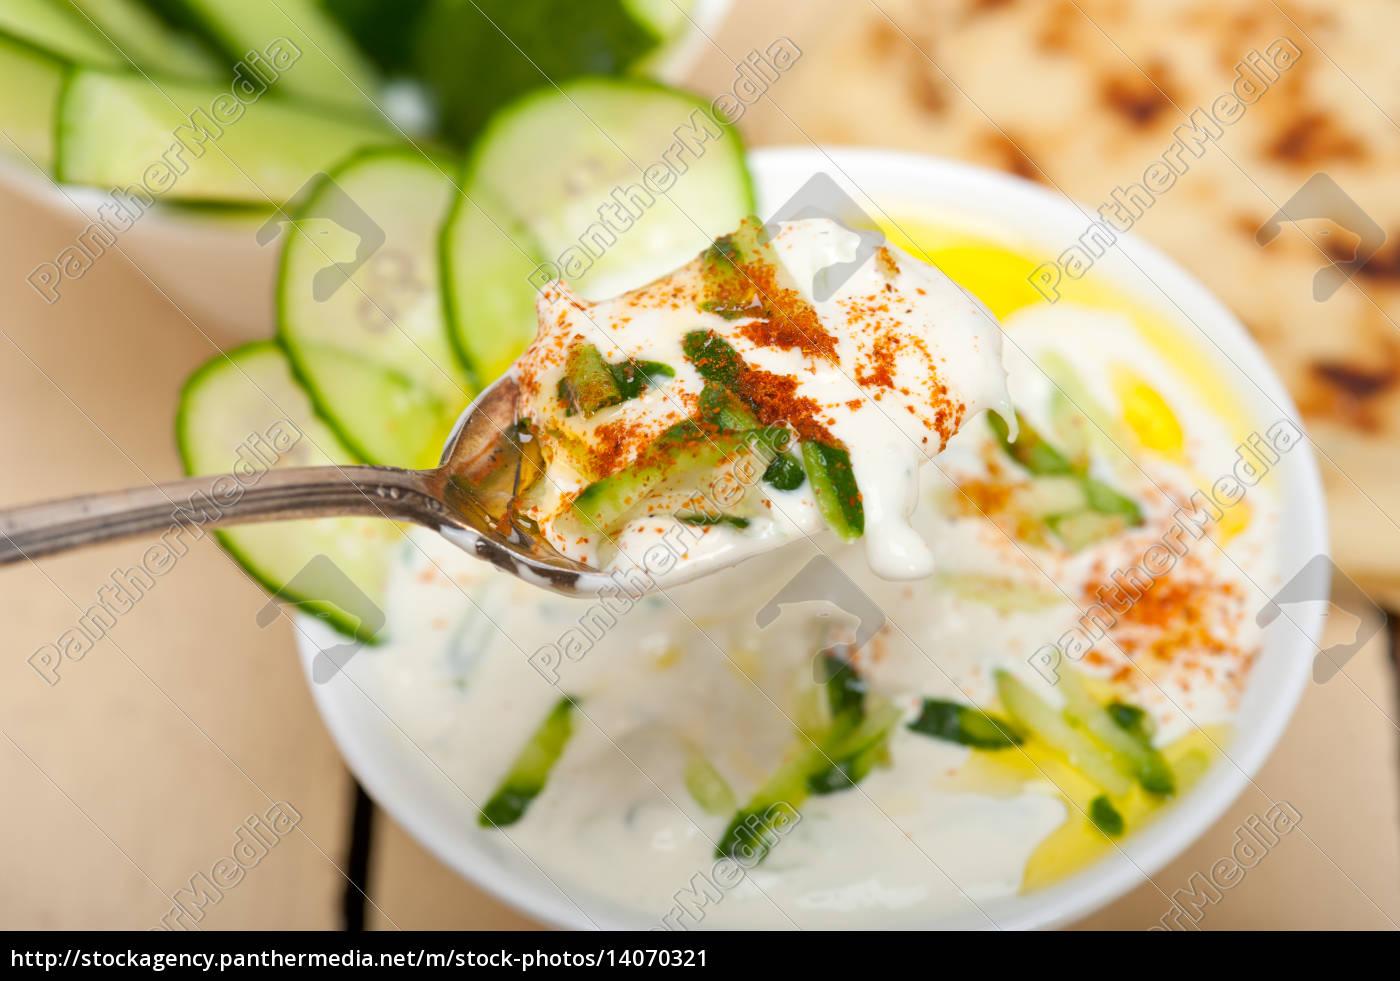 arab, middle, east, goat, yogurt, and - 14070321